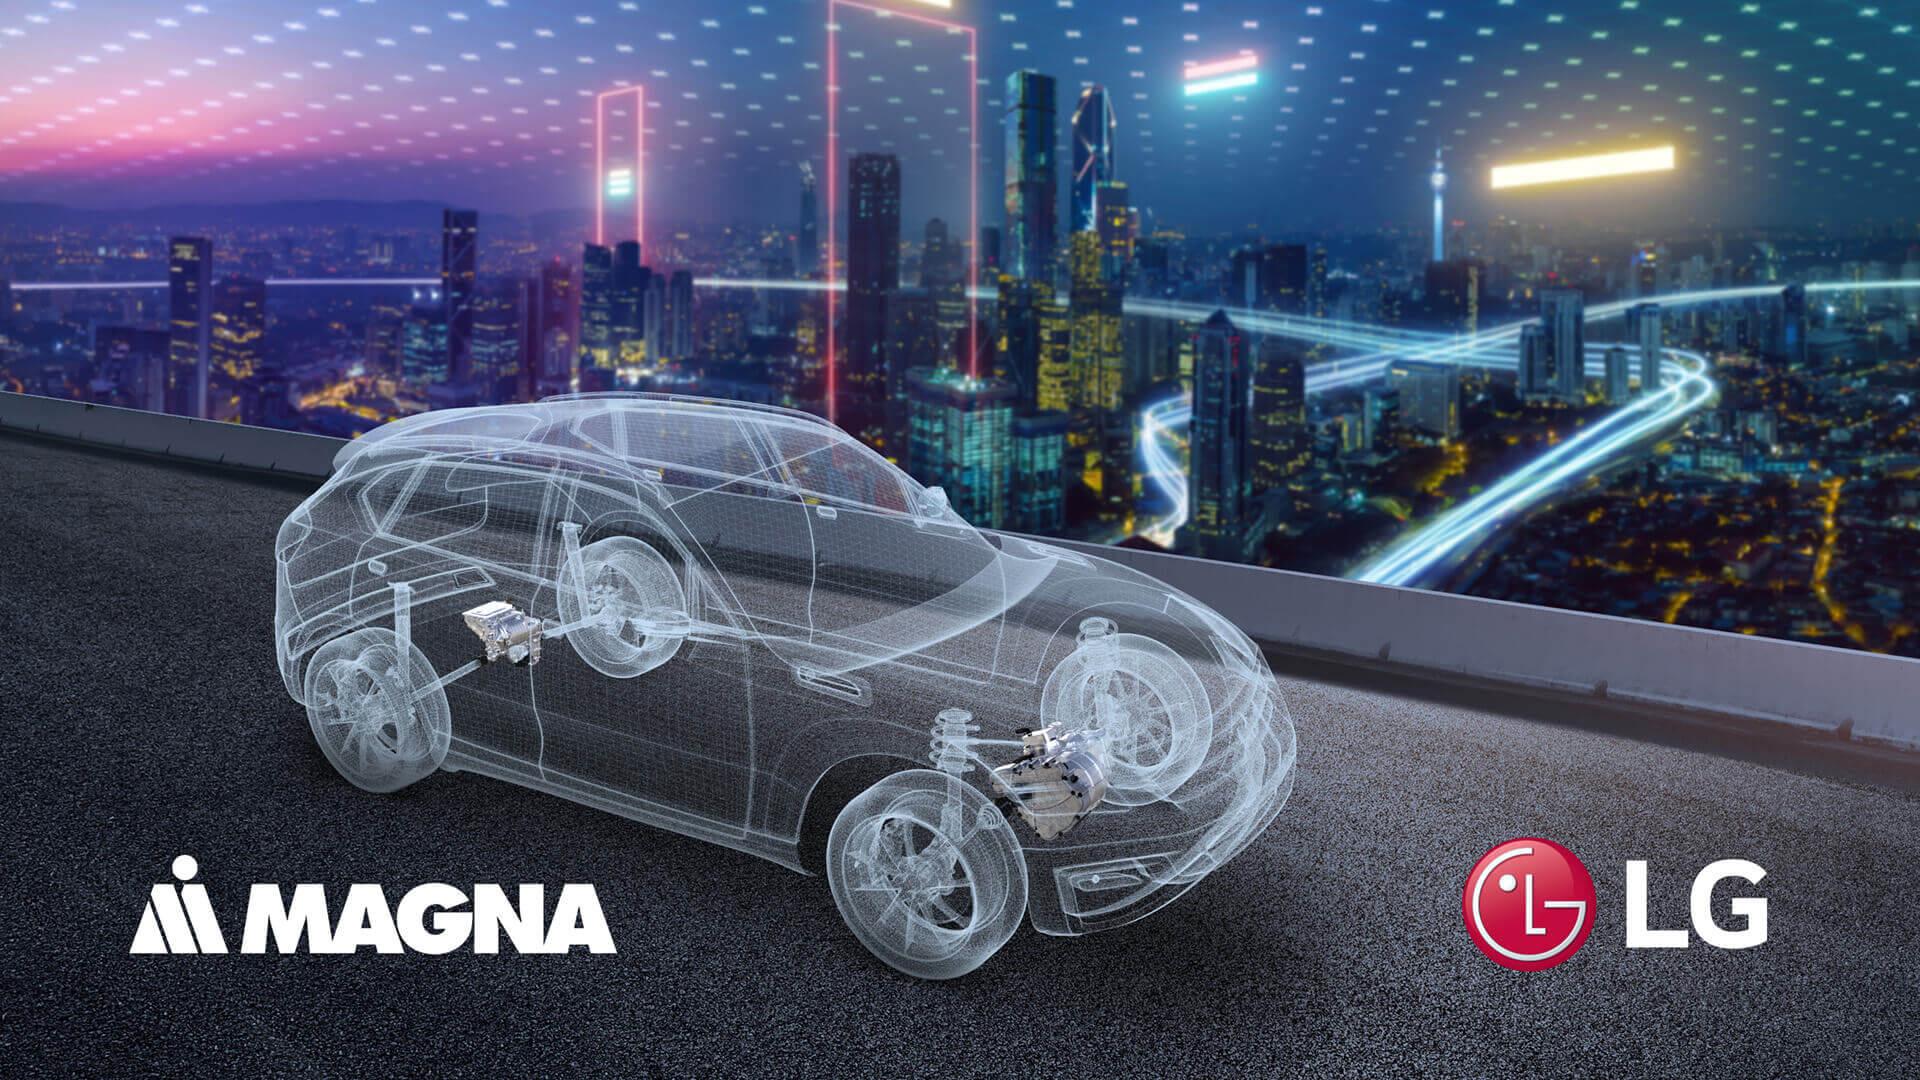 Совместное предприятиеLG иMagna будет производить основные компоненты для электромобилей